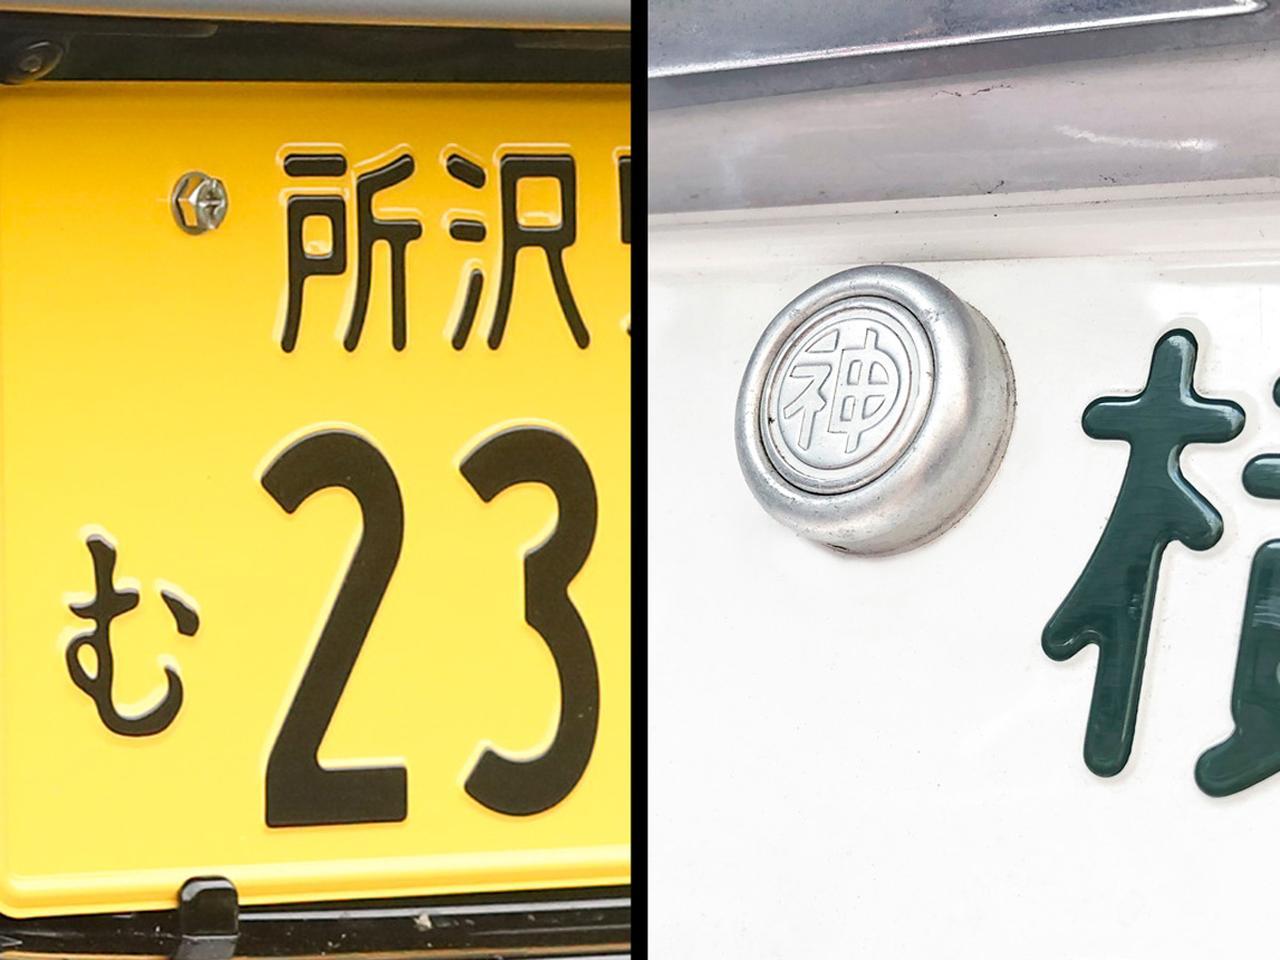 【くるま問答】軽自動車のナンバーに封印がない理由はなに?